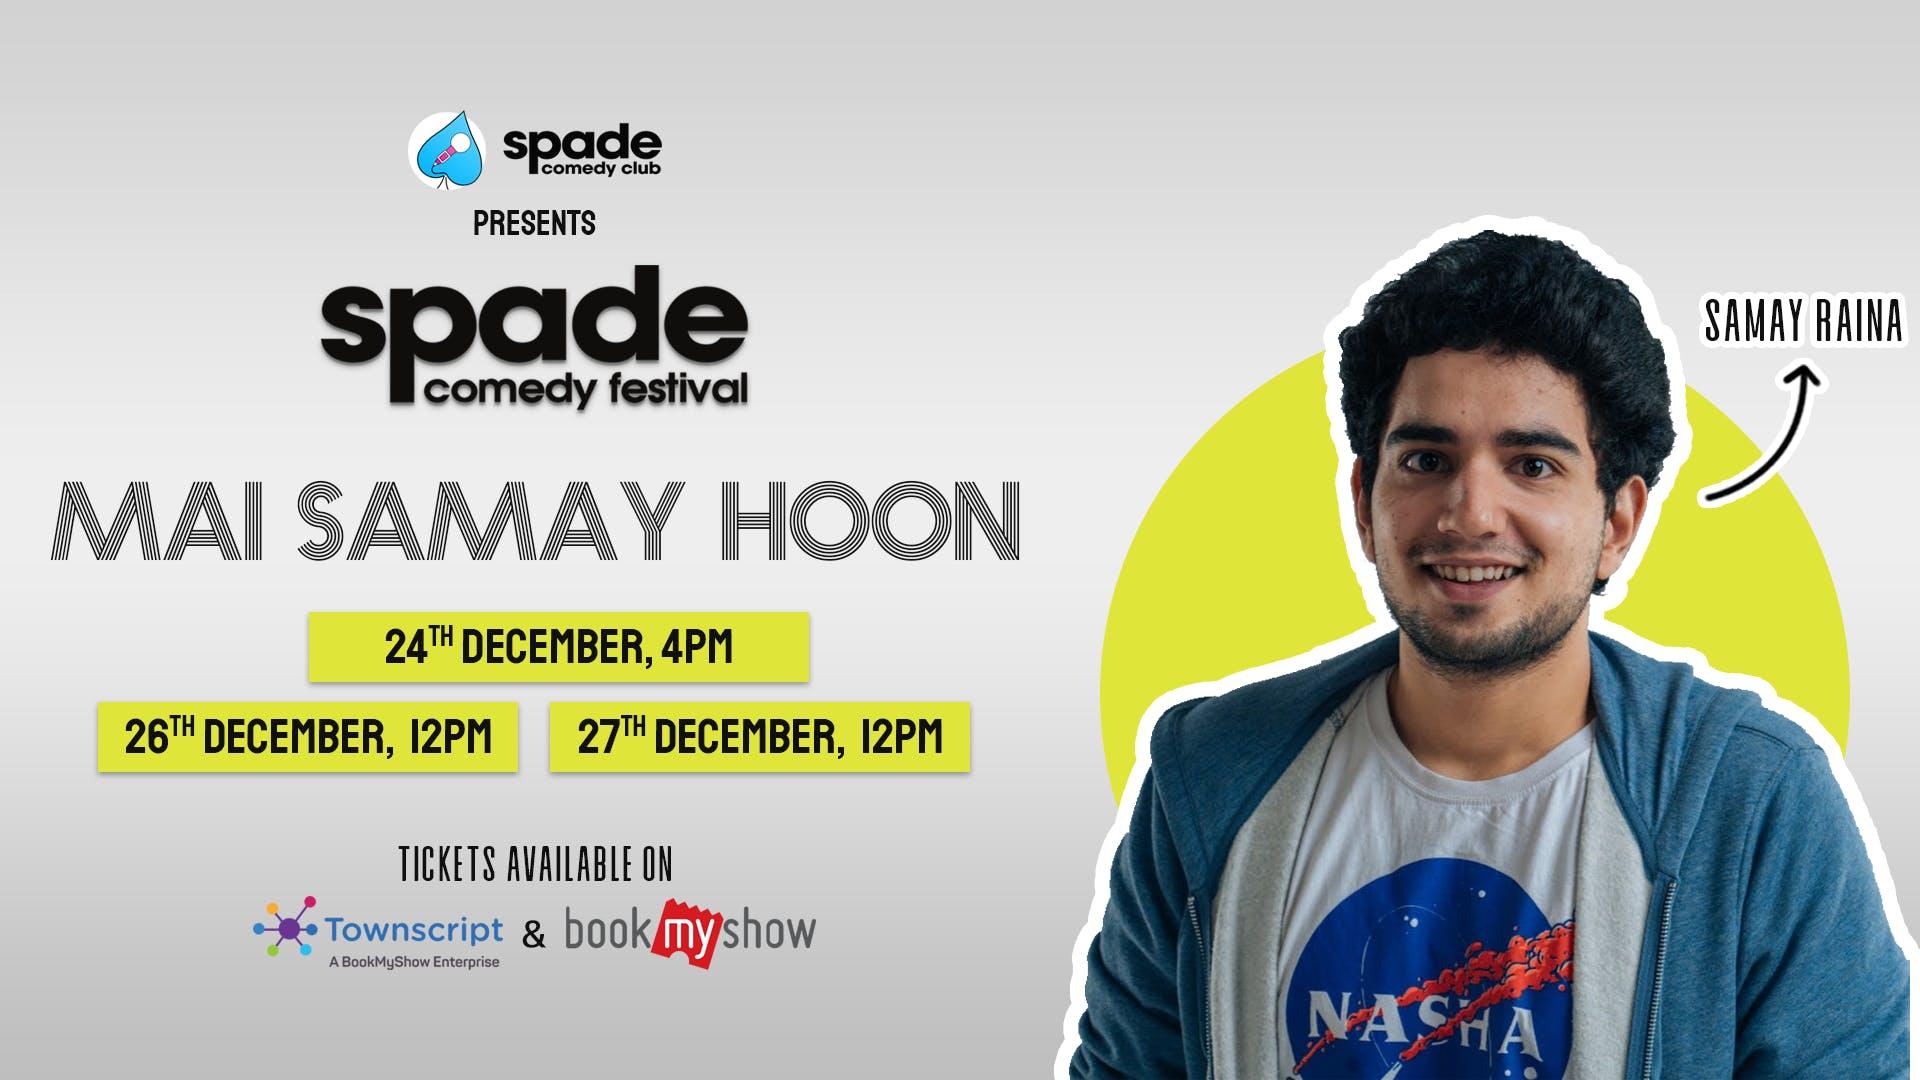 Mai Samay Hoon at Spade Comedy Festival